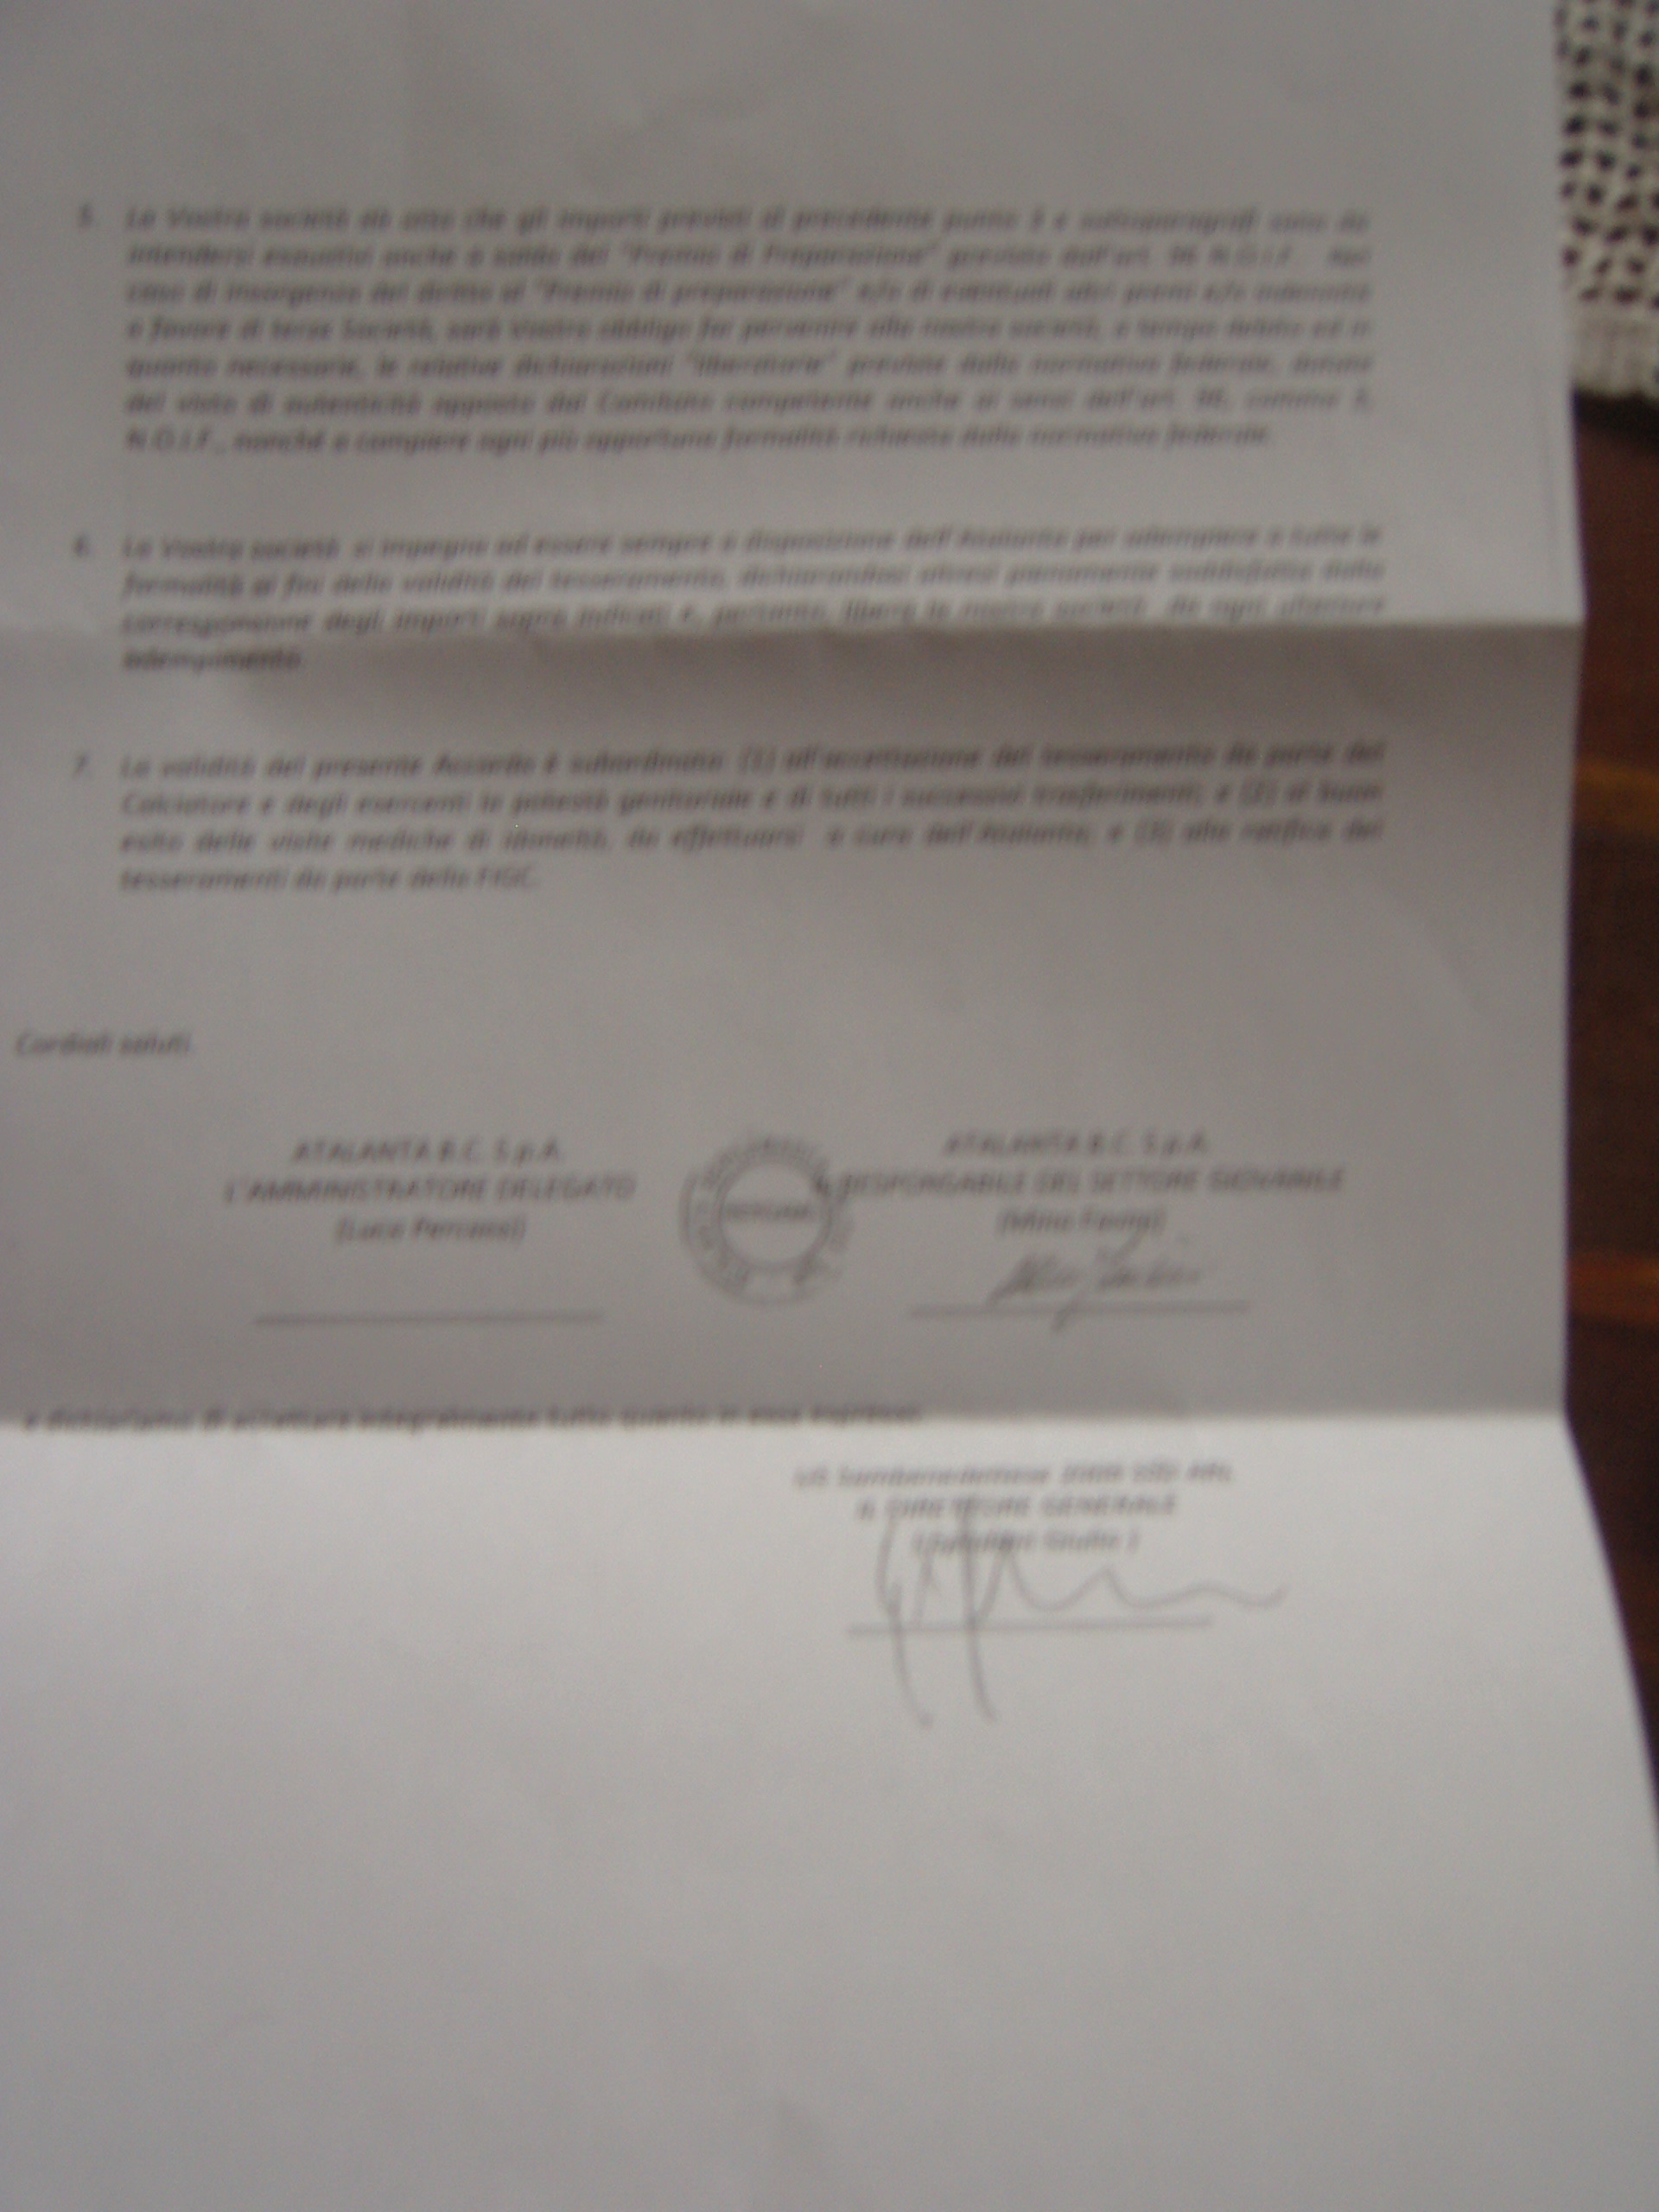 Il documento della cessione di Iovannisci all'Atalanta (2)